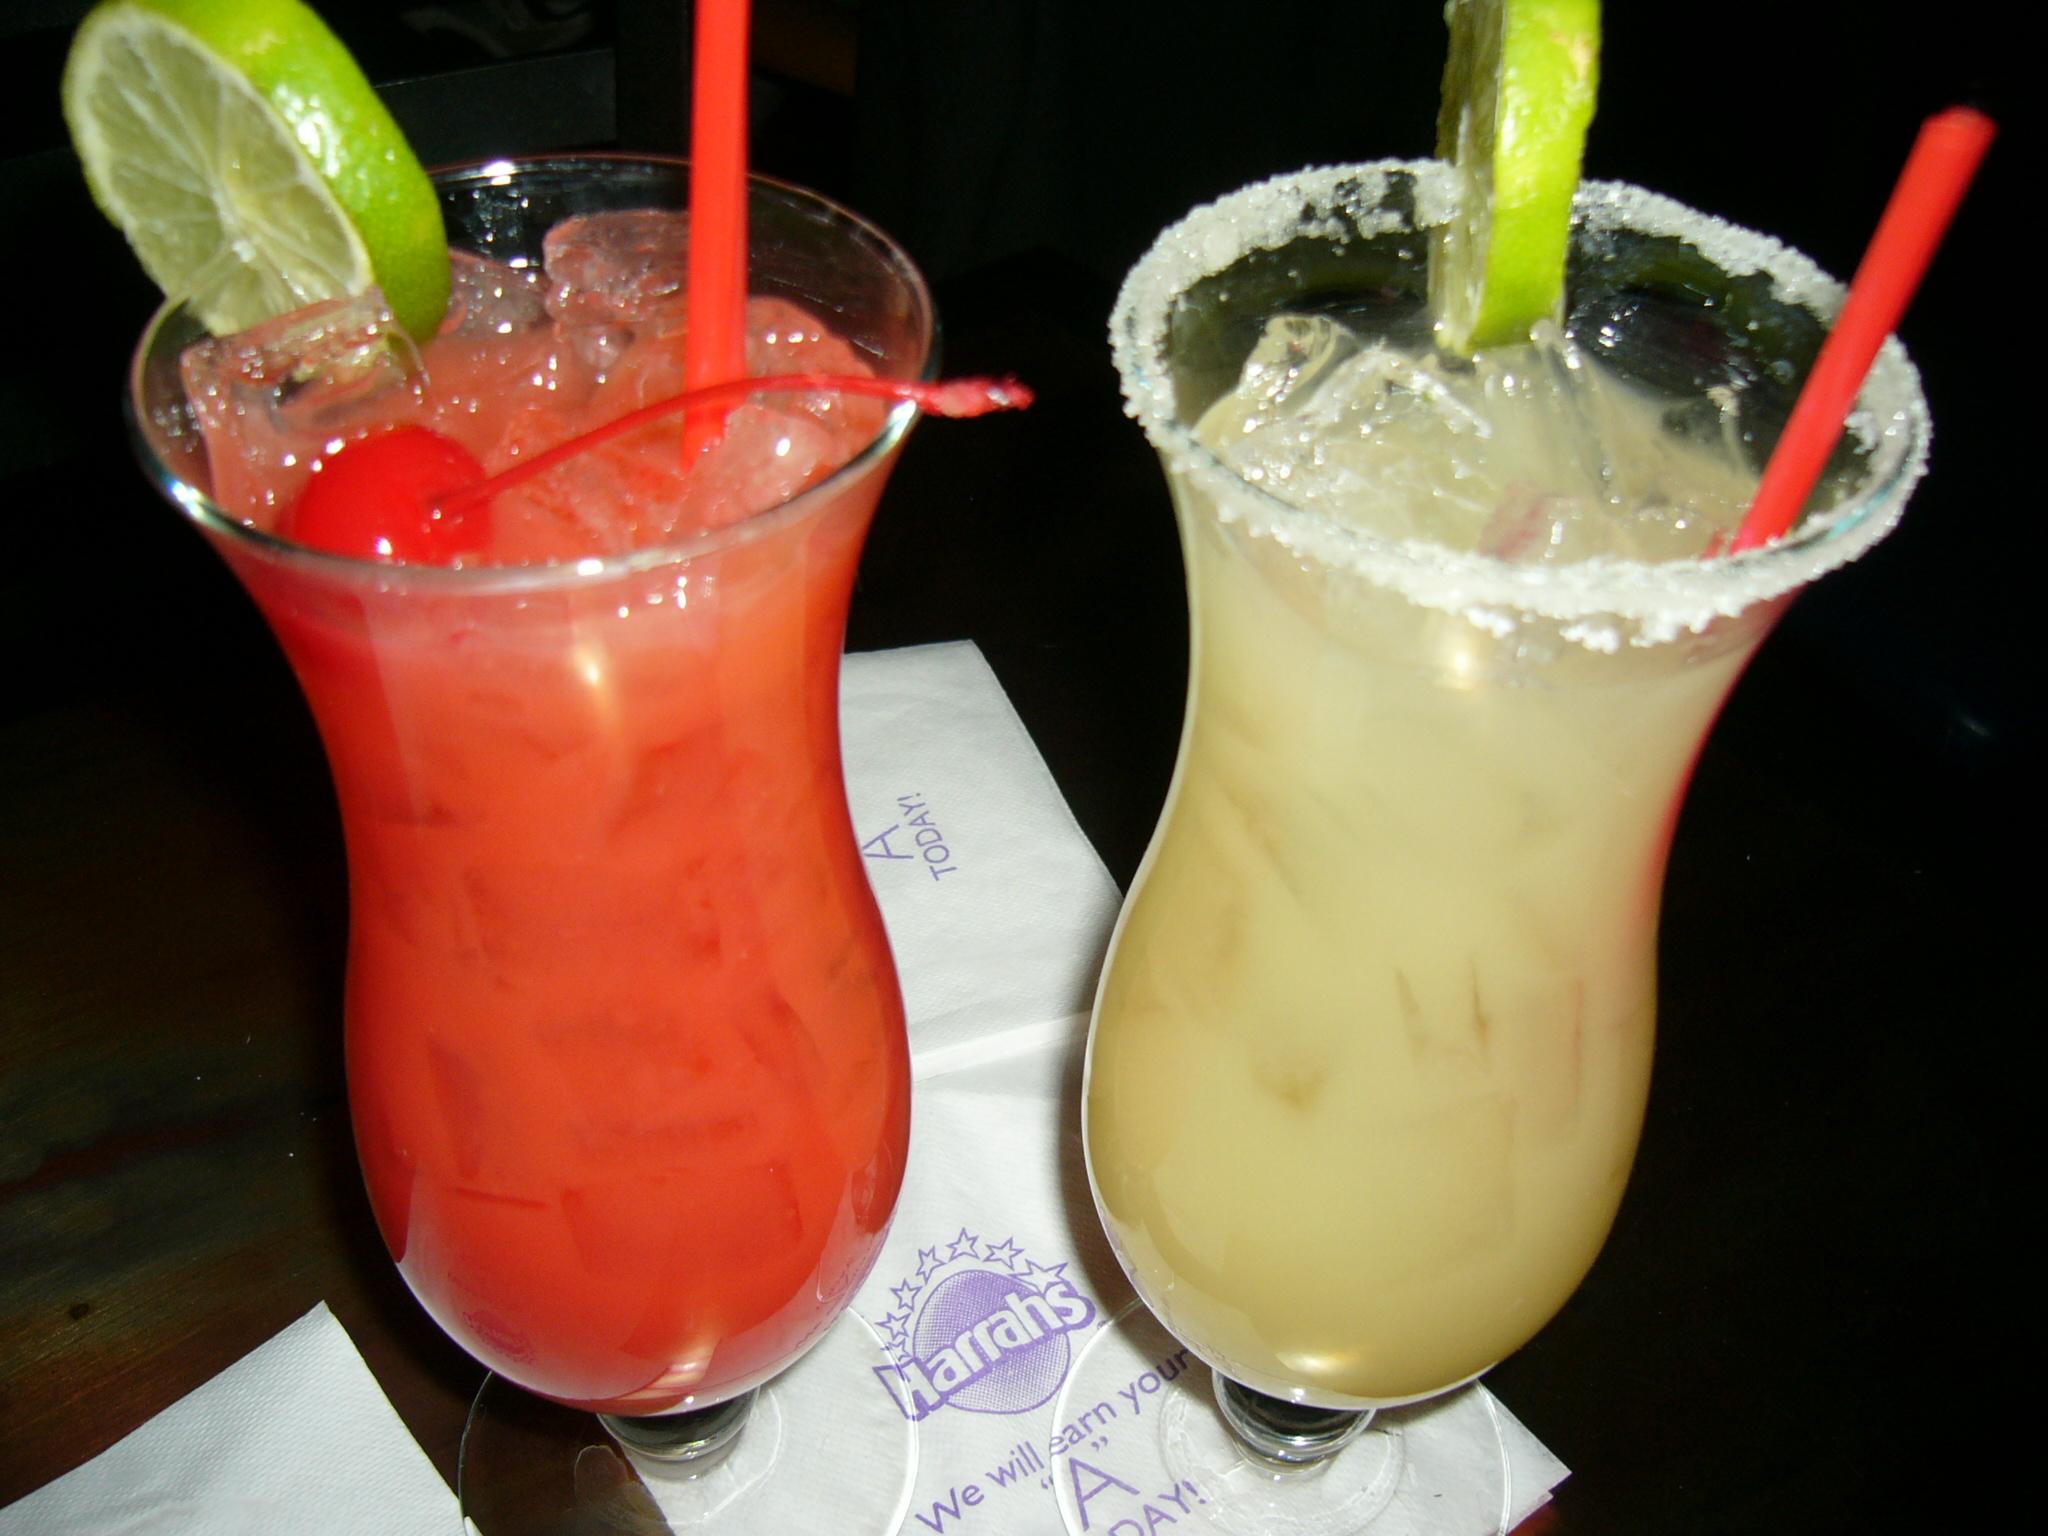 Jakie drinki warto serwować w barze?